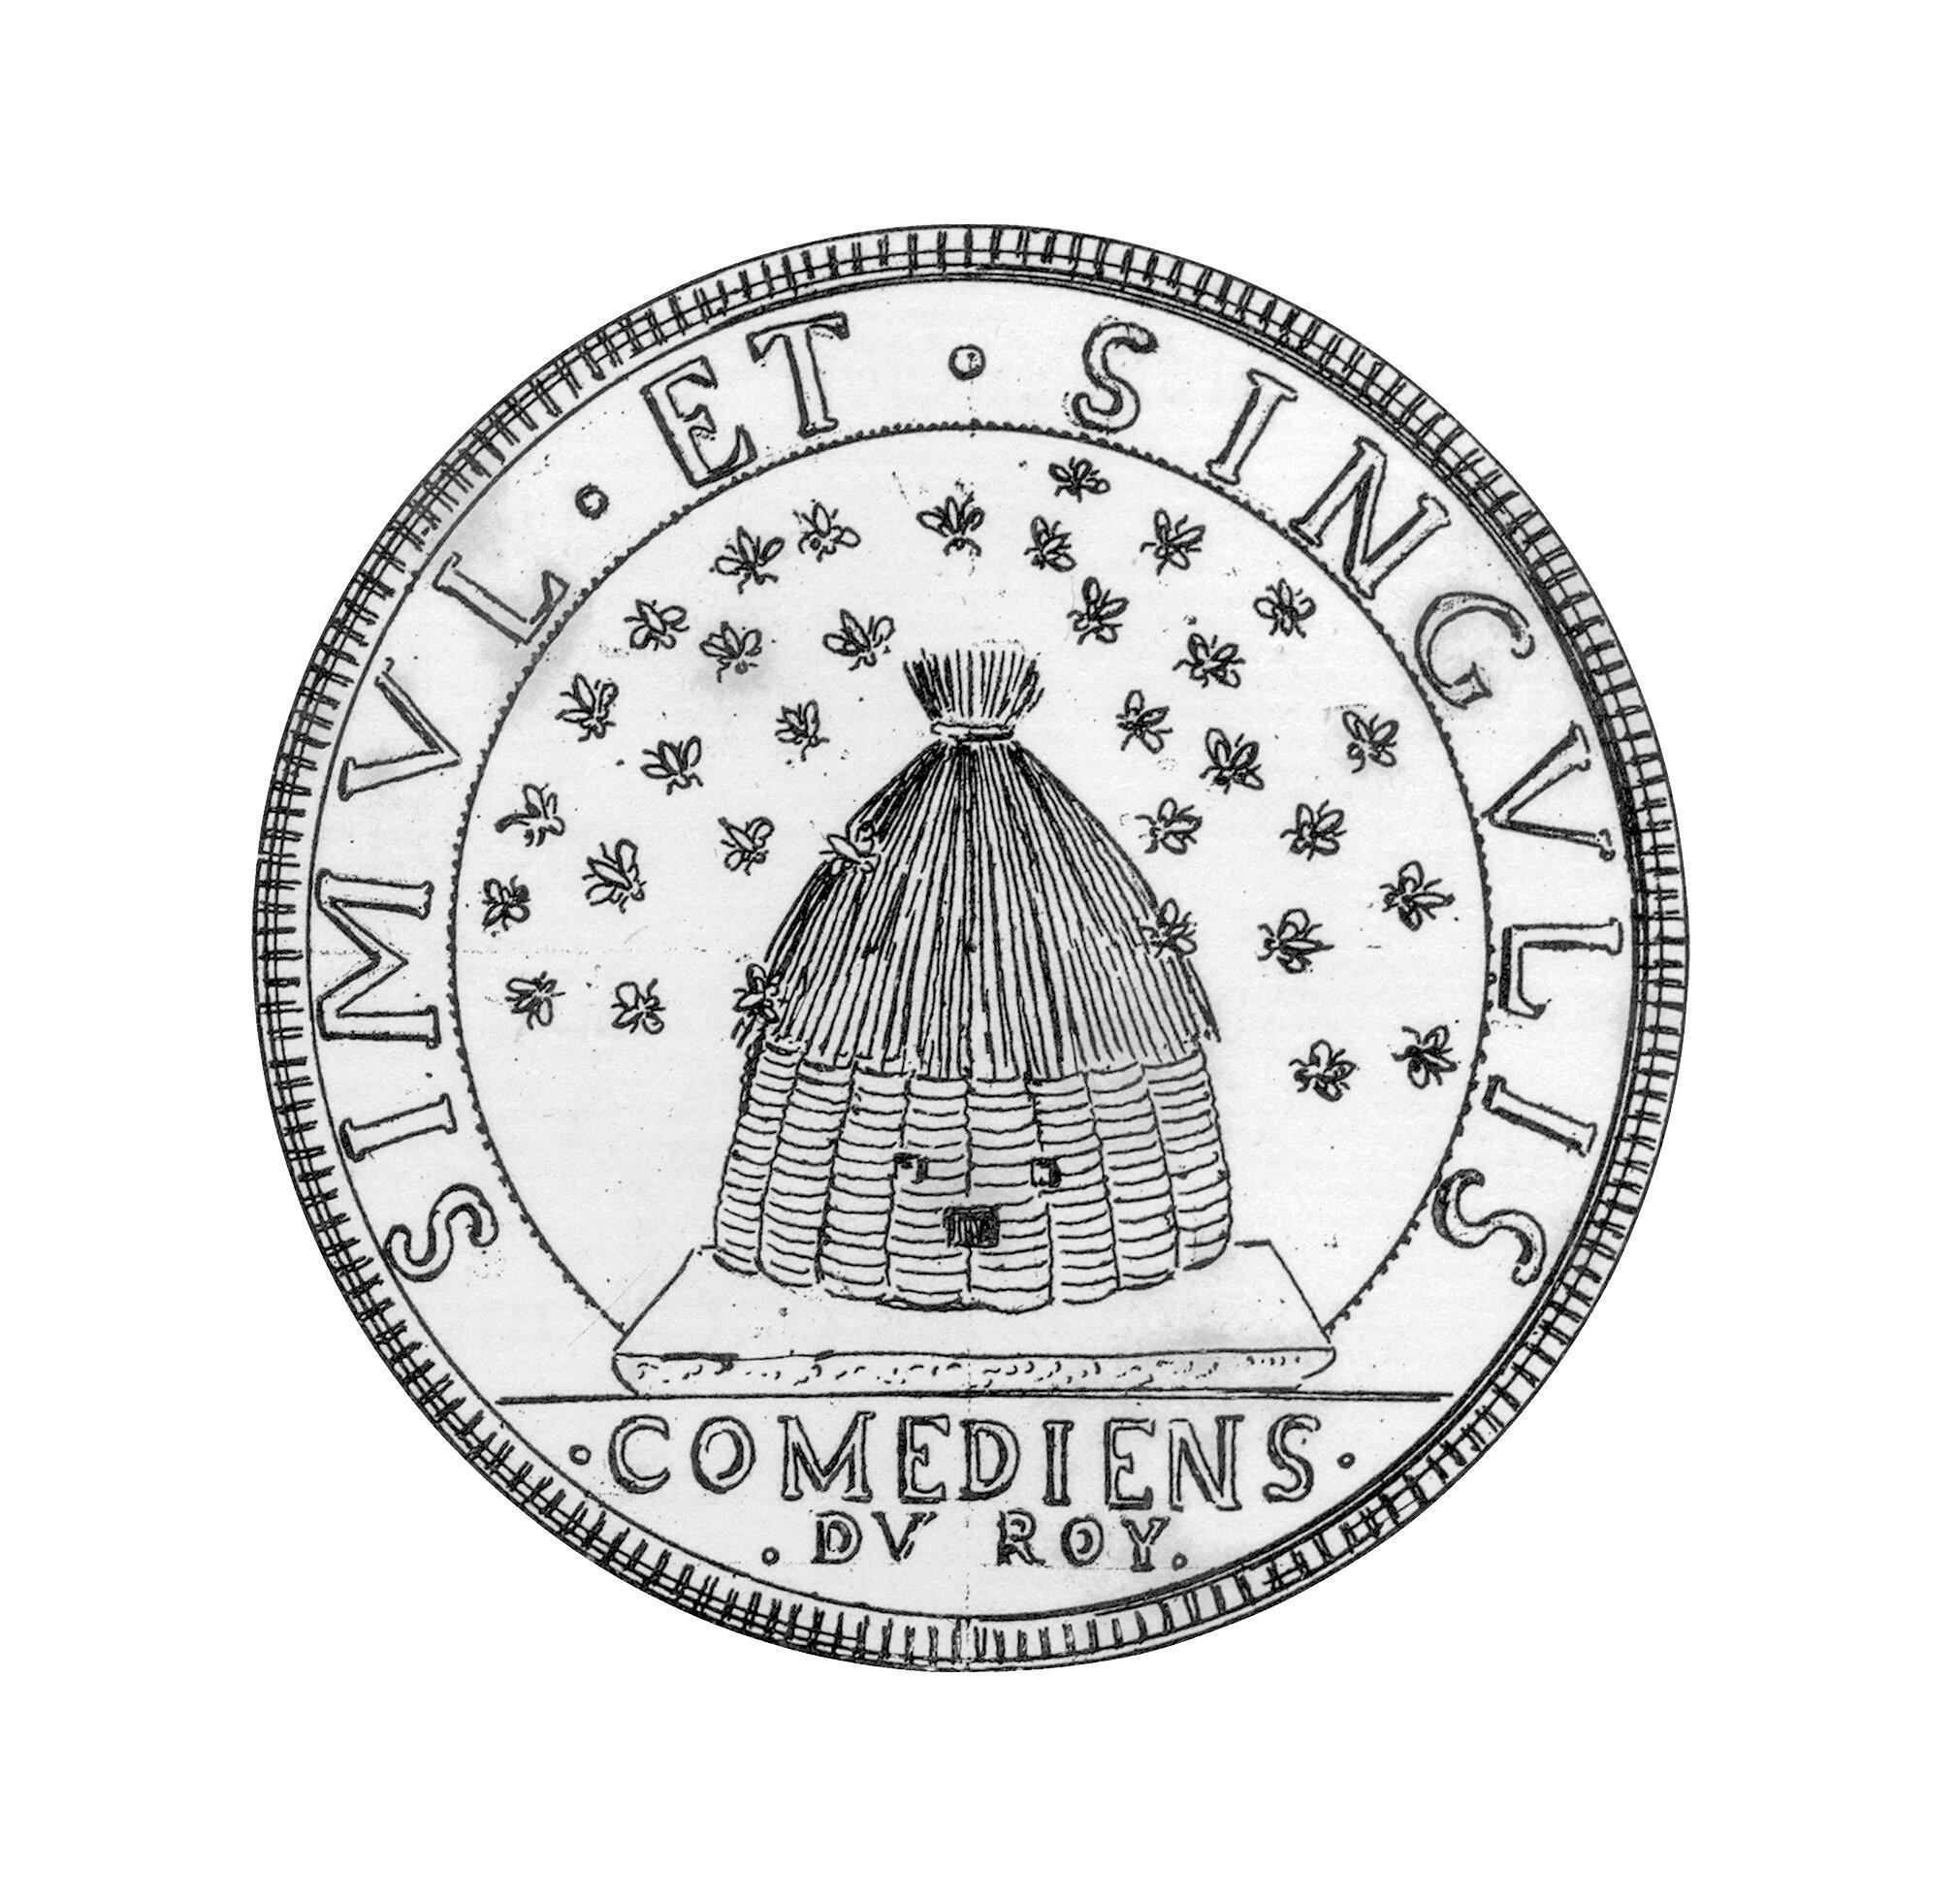 Emblème et devise de la Comédie-Française.